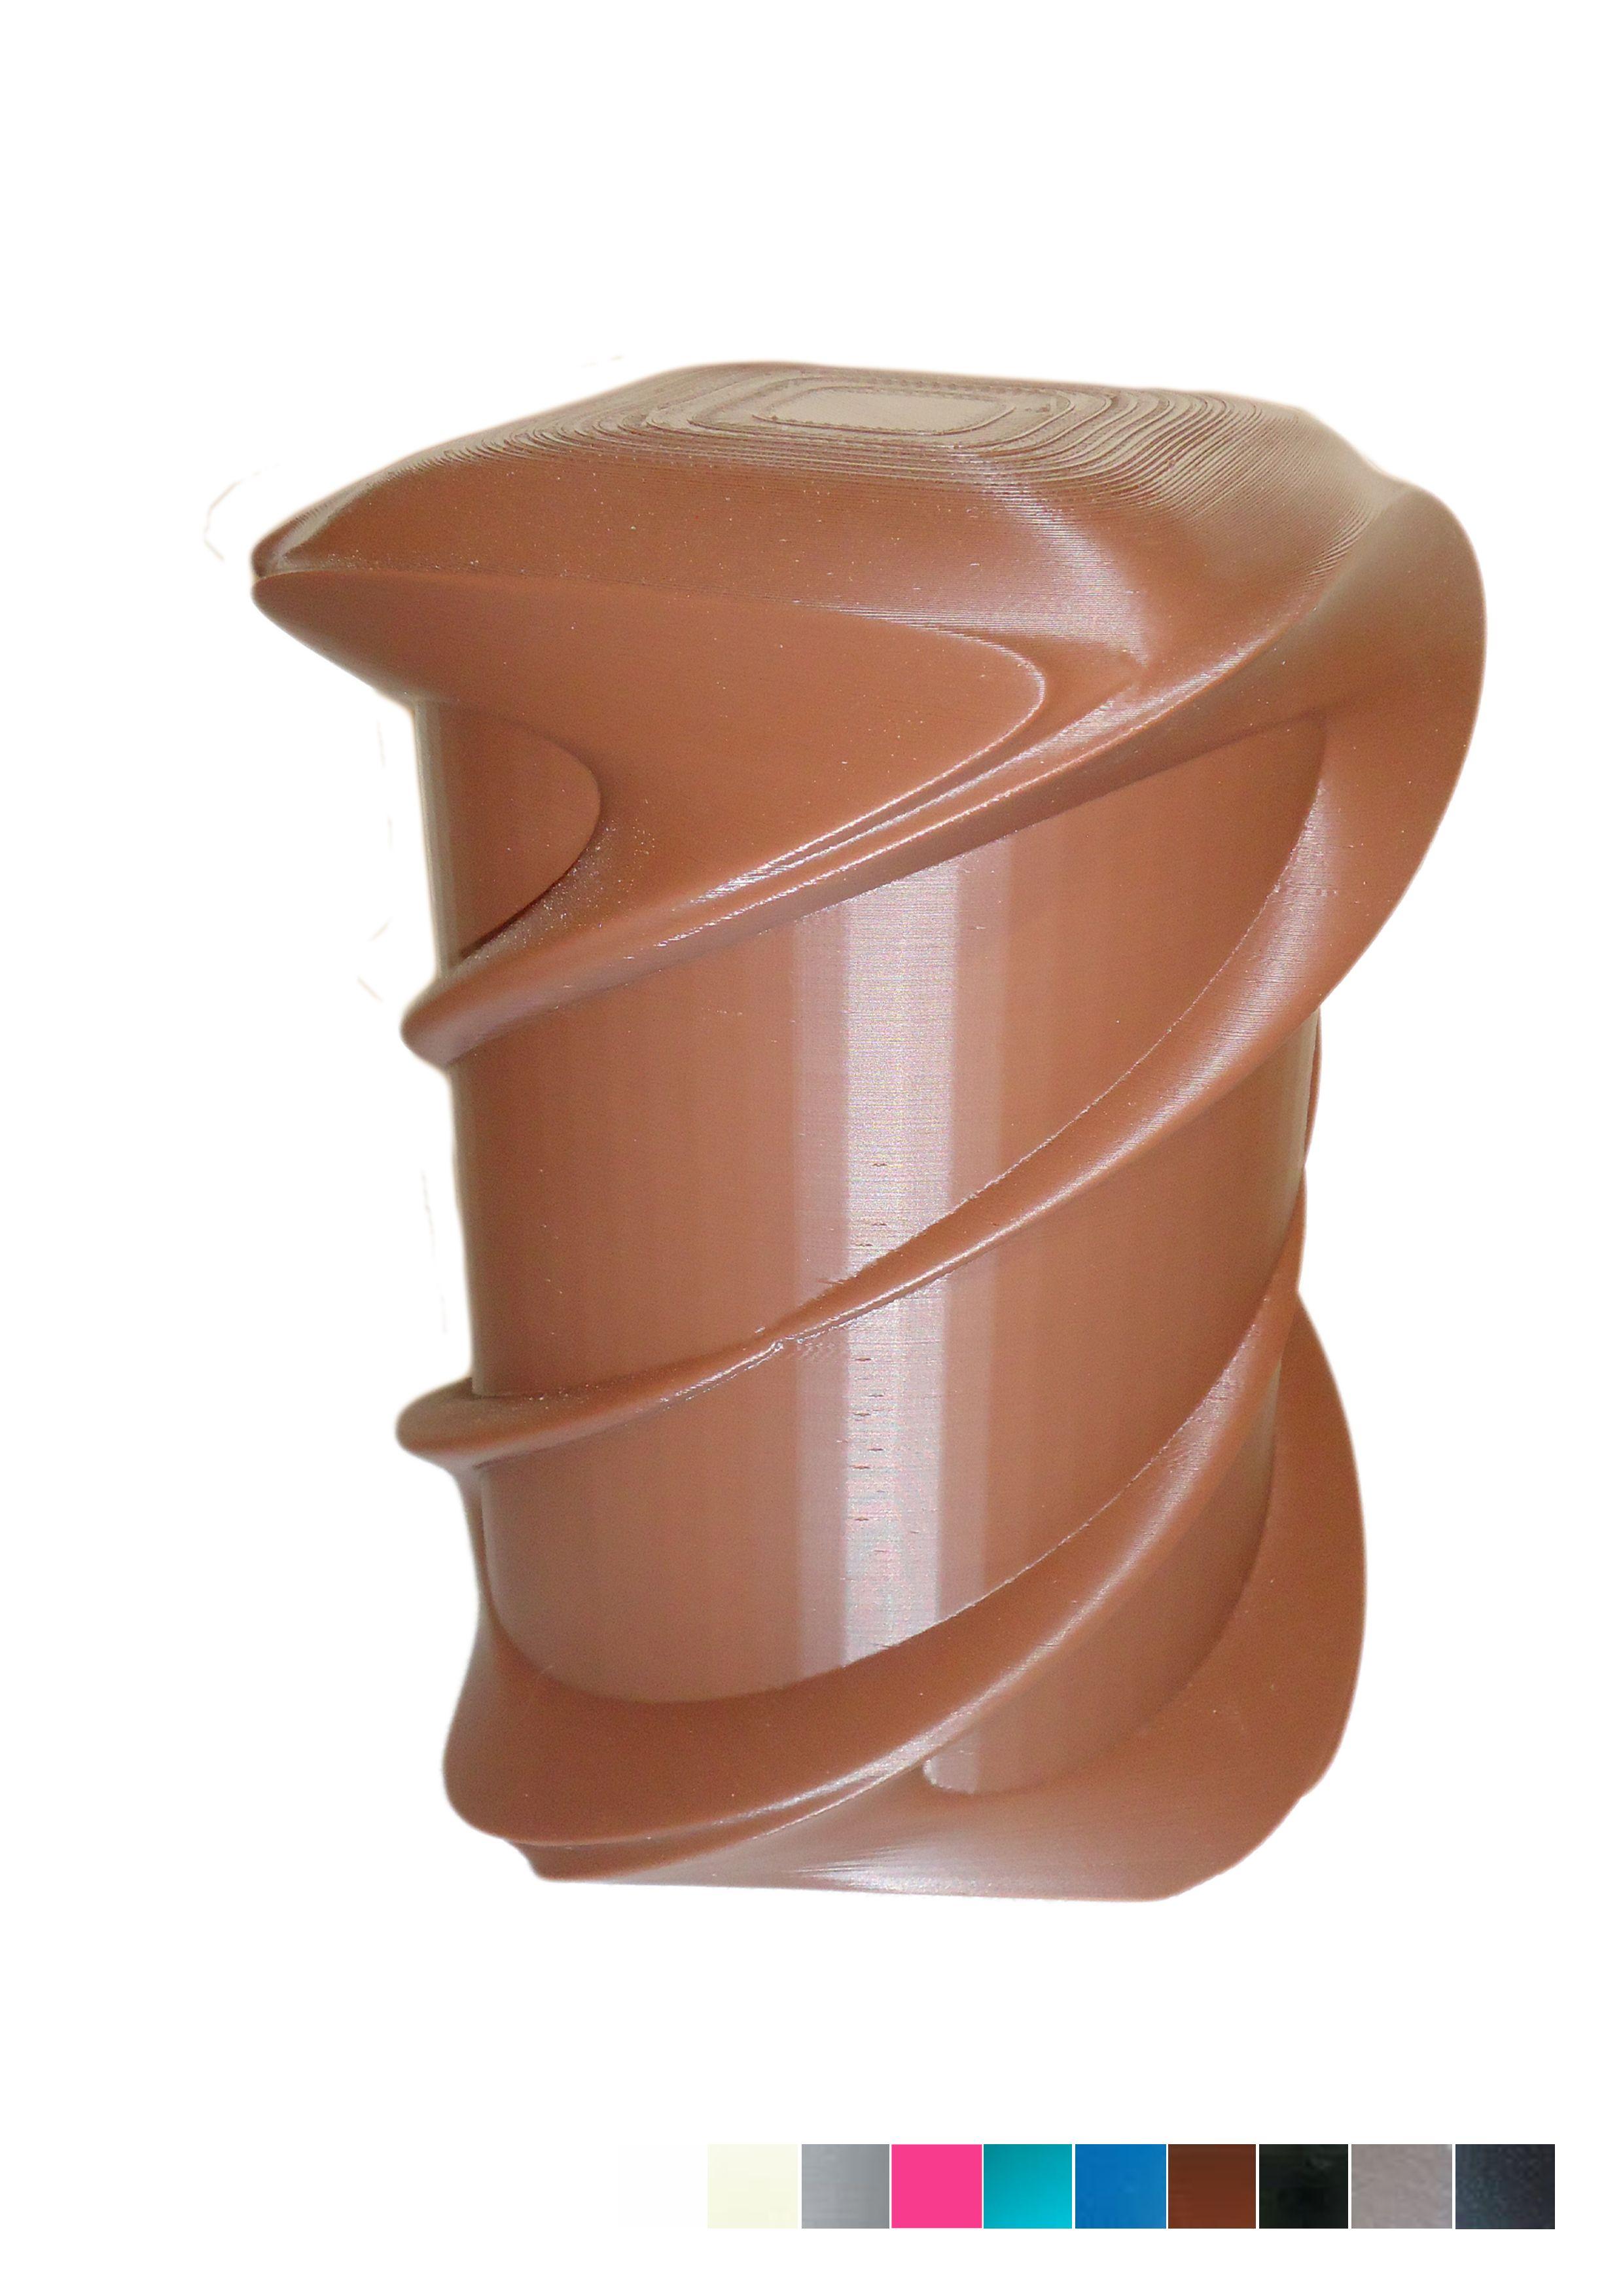 FGS - Urne aux formes enlacées par de délicats courbures. Bouchon à coller. Colle non fournie. L'urne peut reposer en extérieur comme en intérieur. Autres couleurs sur demande.